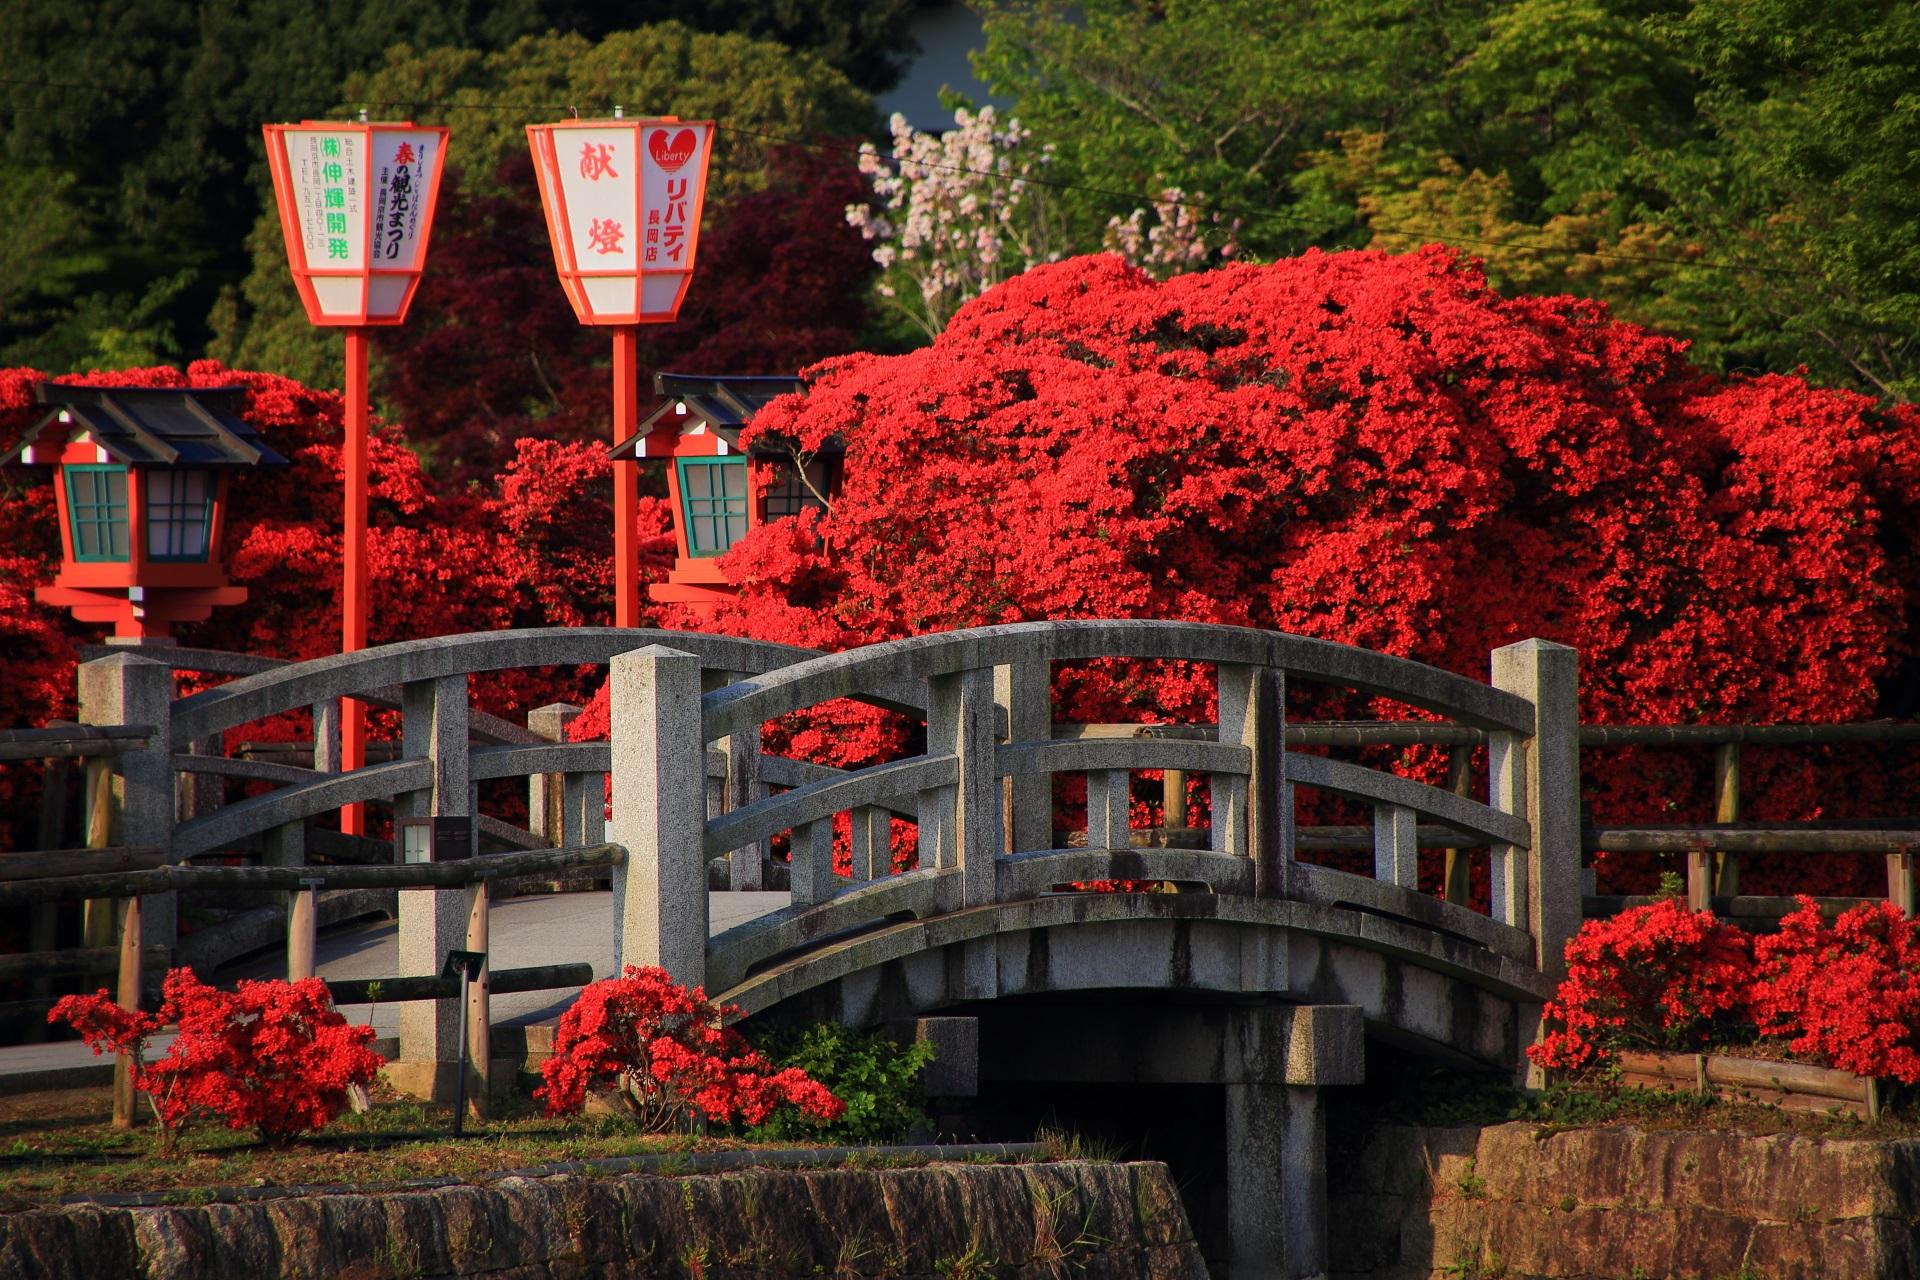 風情ある石の橋に良く合う赤いキリシマツツジ